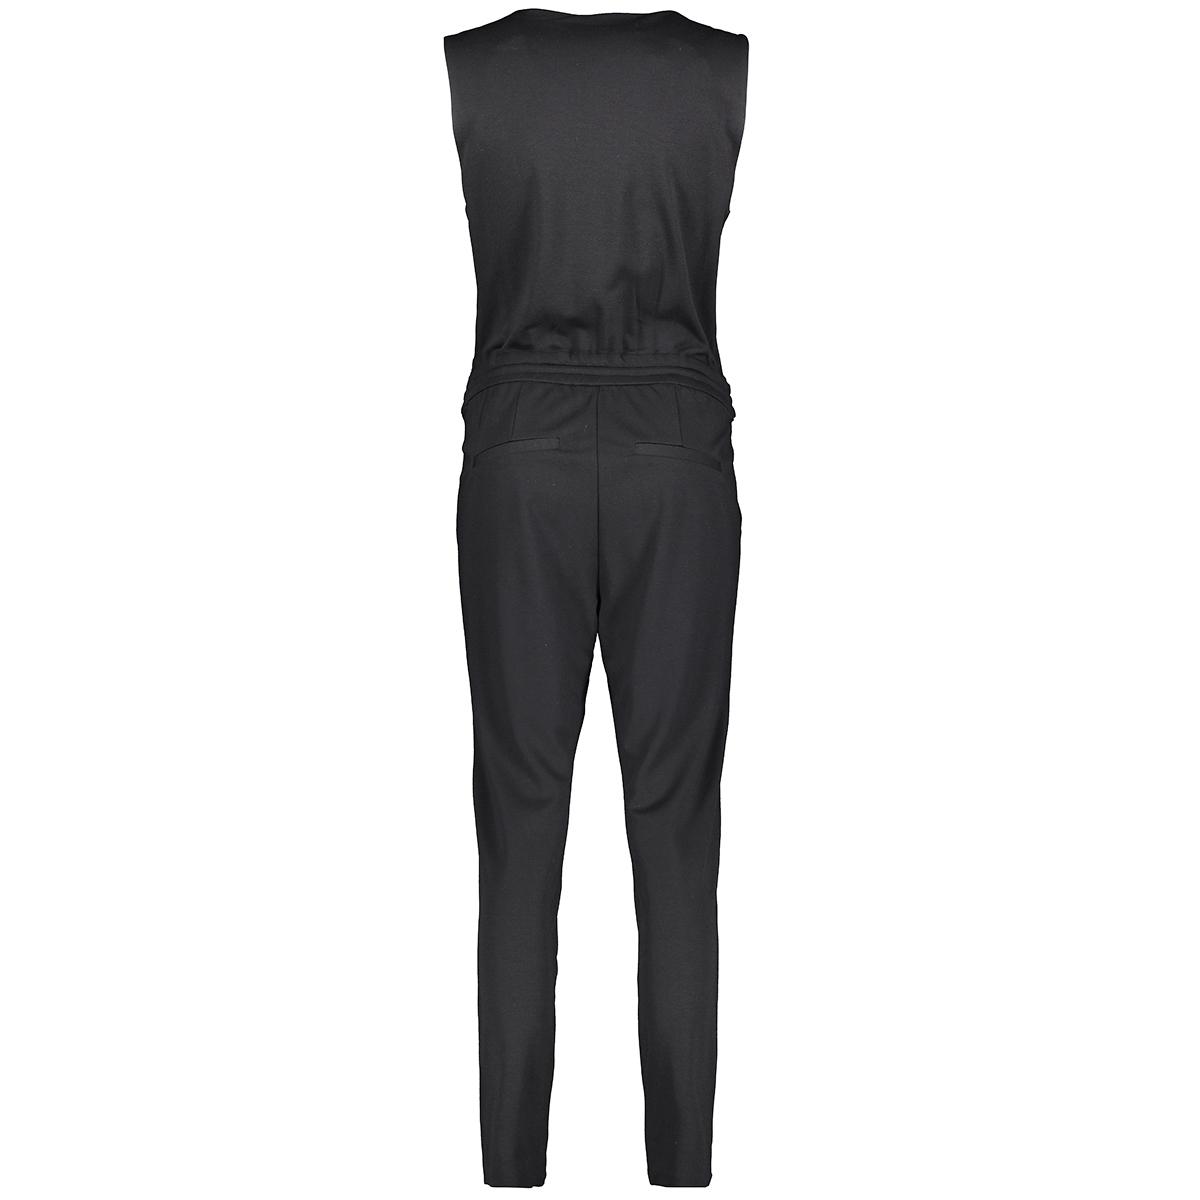 vmeva sl string jumpsuit lcs 10232264 vero moda jumpsuit black